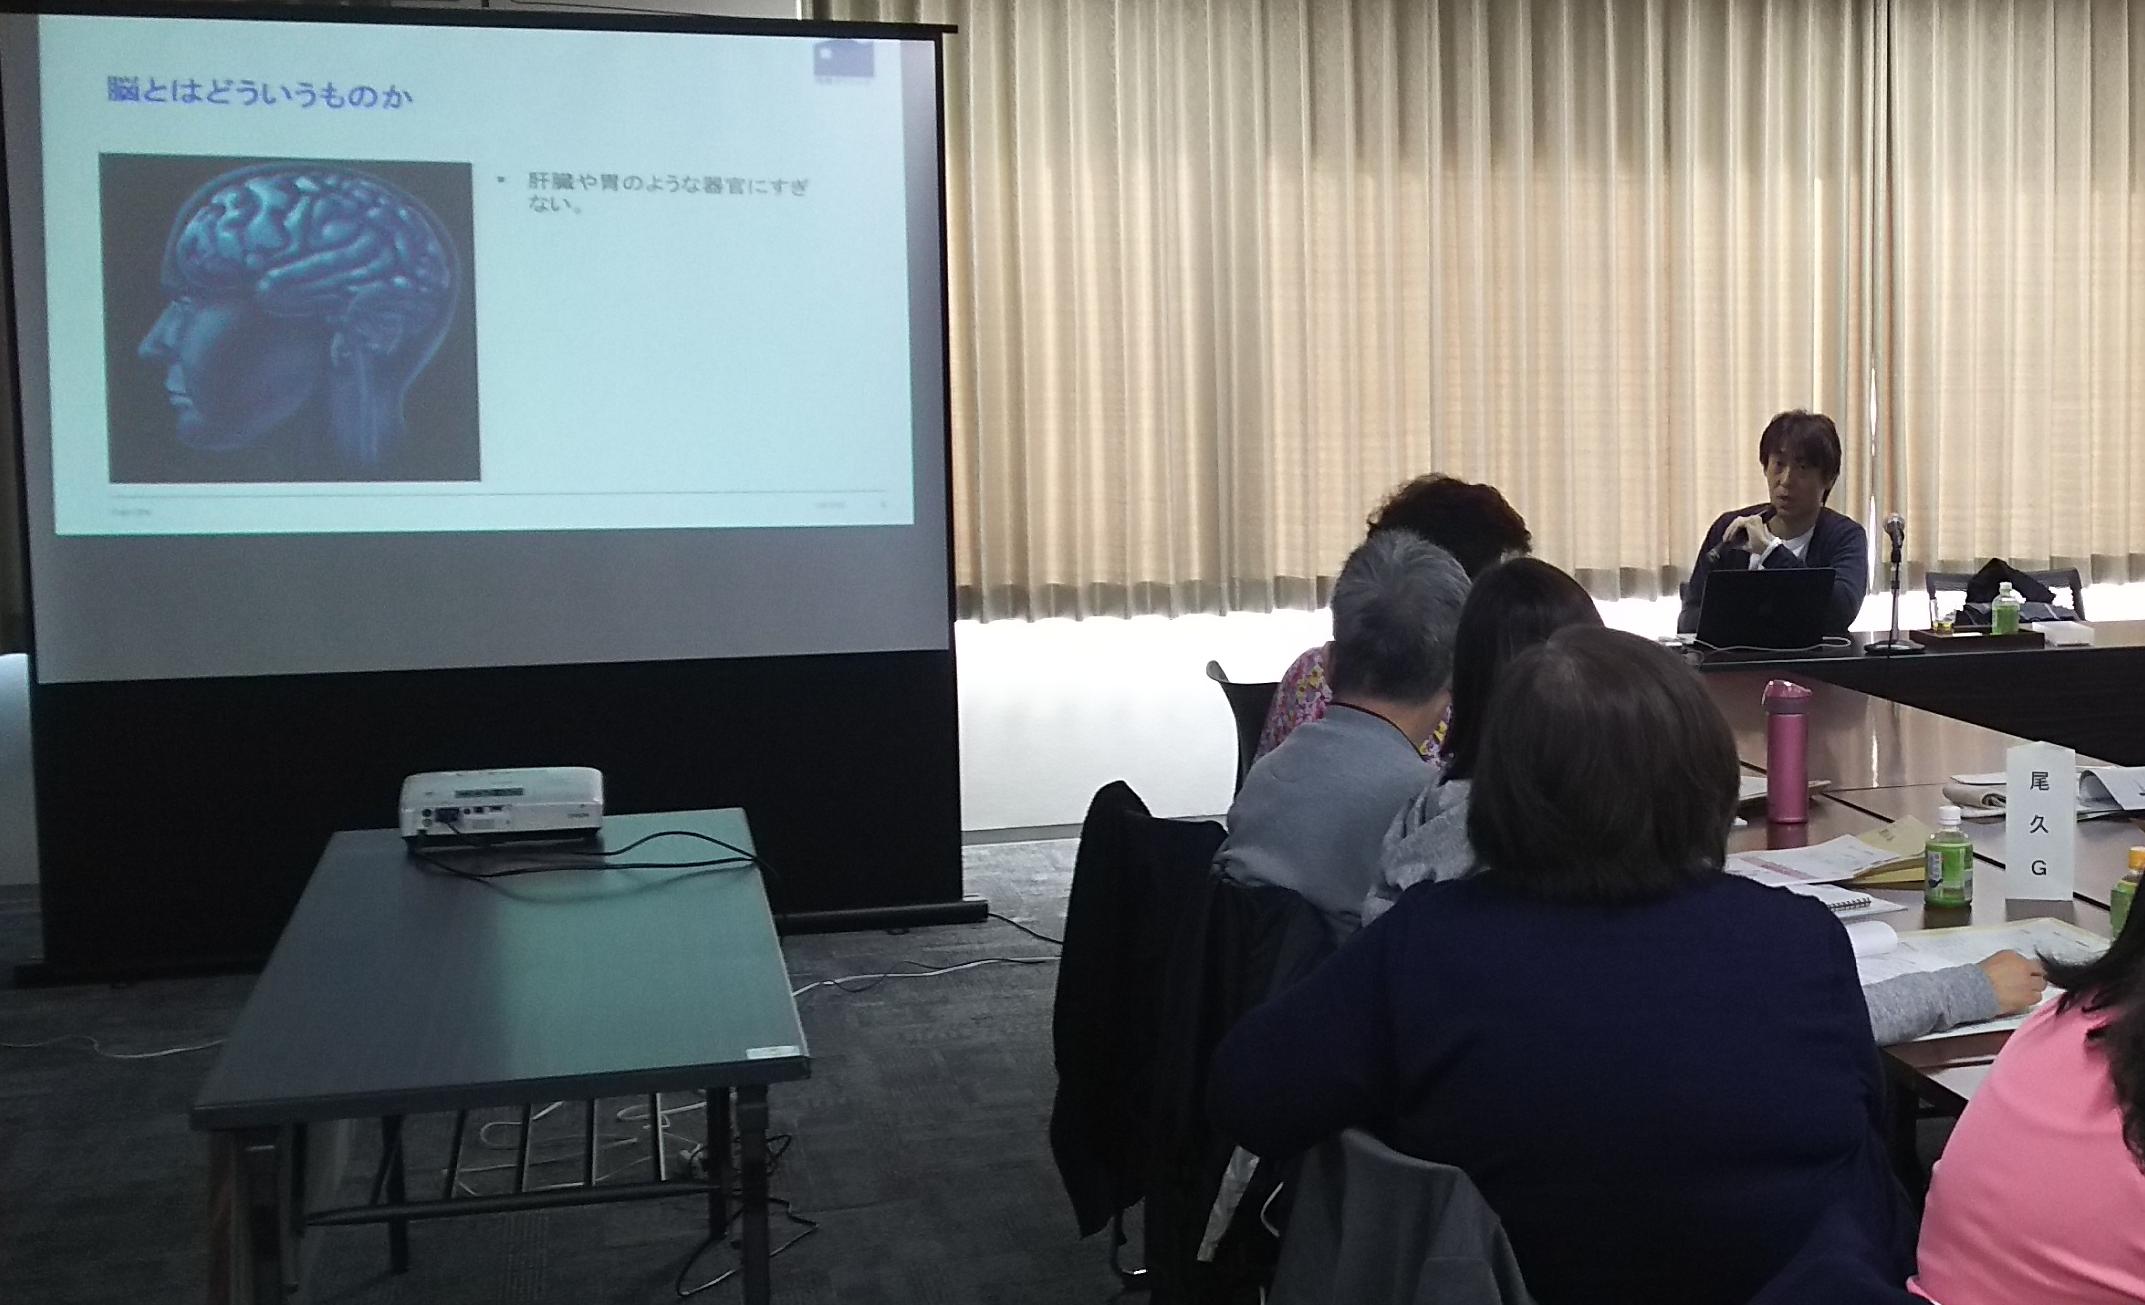 11月7日 認知症キャラバンメイト養成講座にて講義を担当しました。